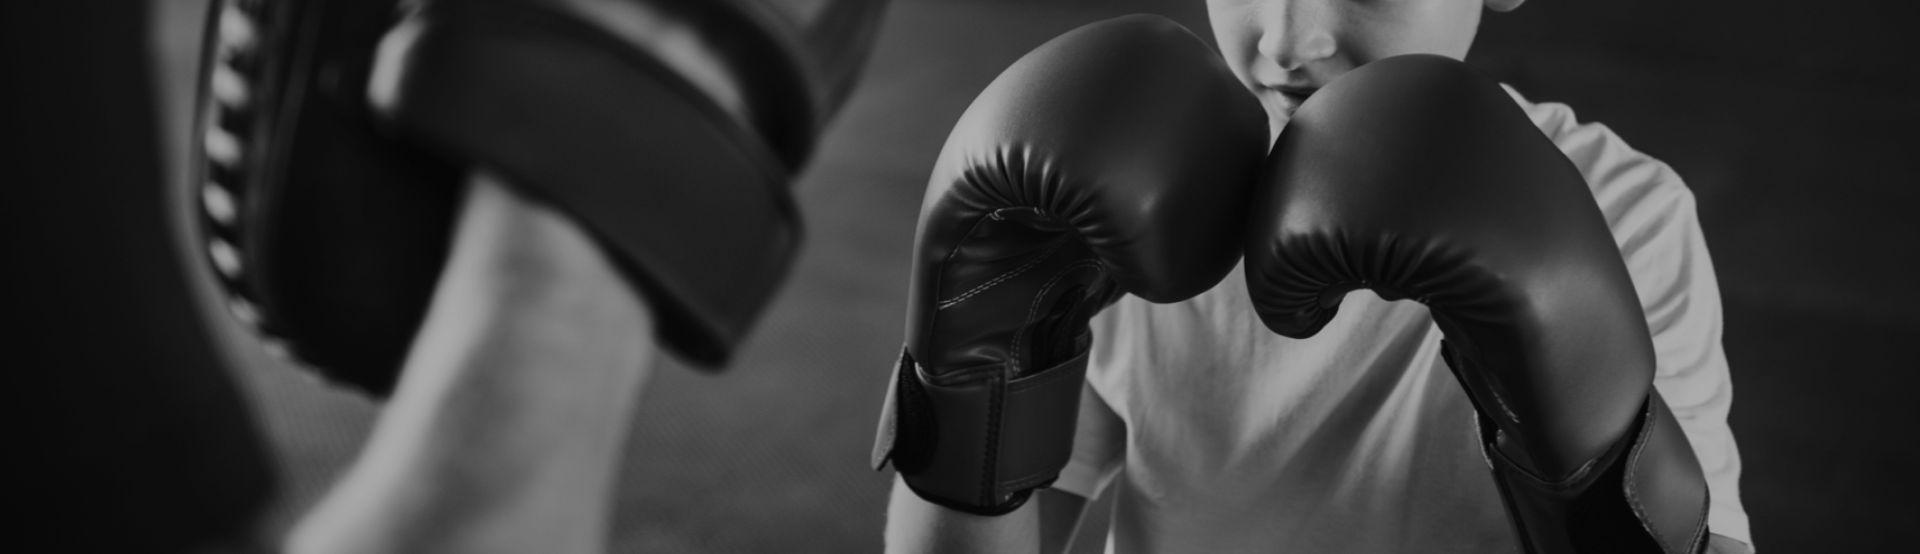 clases de boxeo para niños